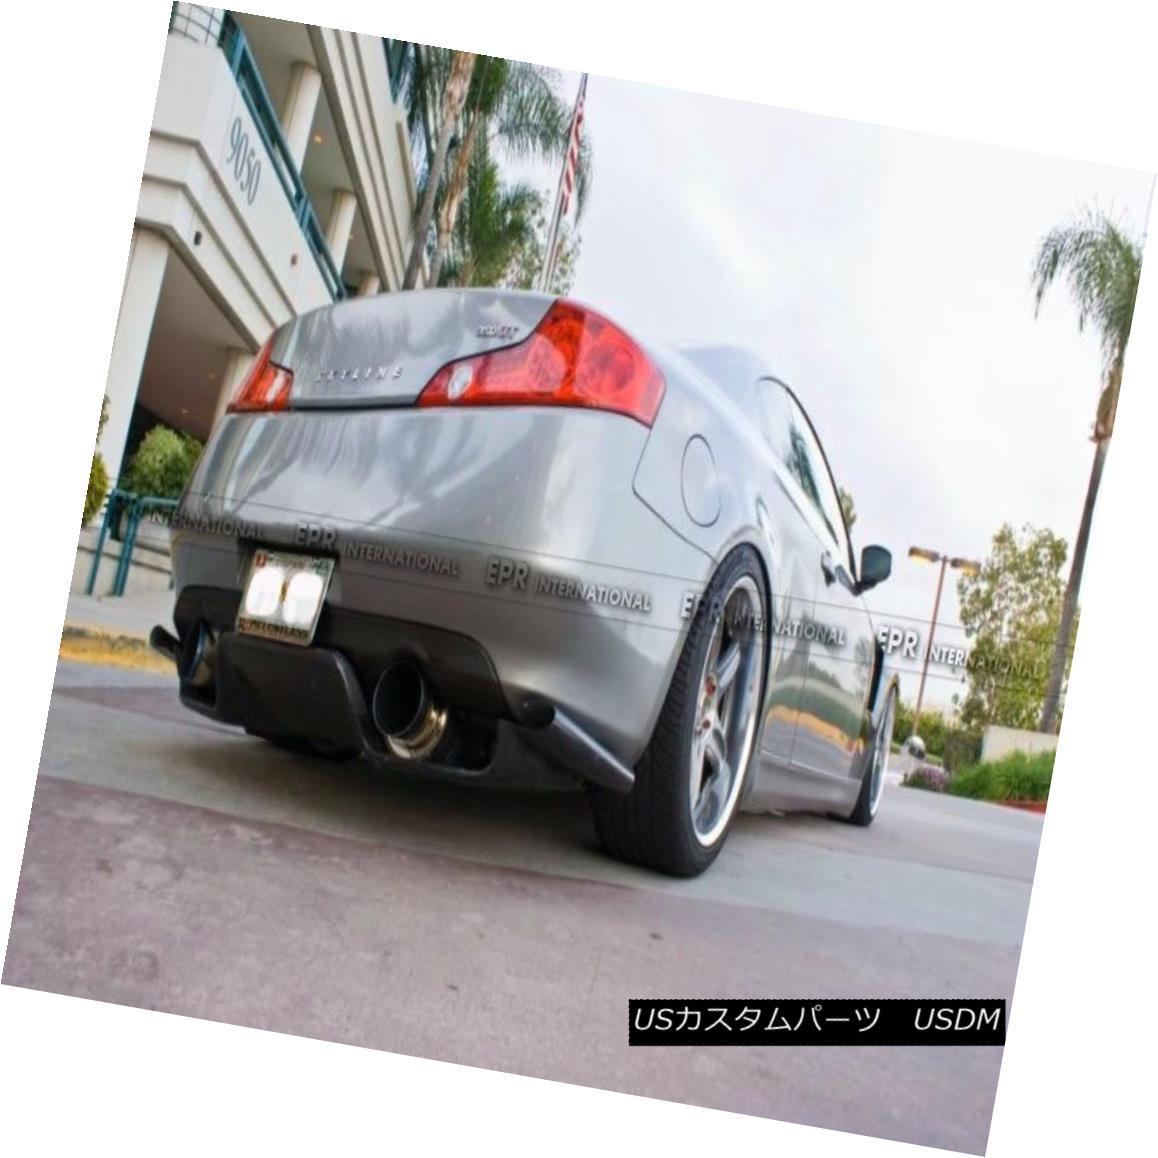 エアロパーツ Rear Diffuser For Nissan 03-08 Z33 350z Infiniti G35 Coupe 2 Door JDM TS FRP リアディフューザーfor日産03-08 Z33 350zインフィニティG35クーペ2ドアJDM TS FRP